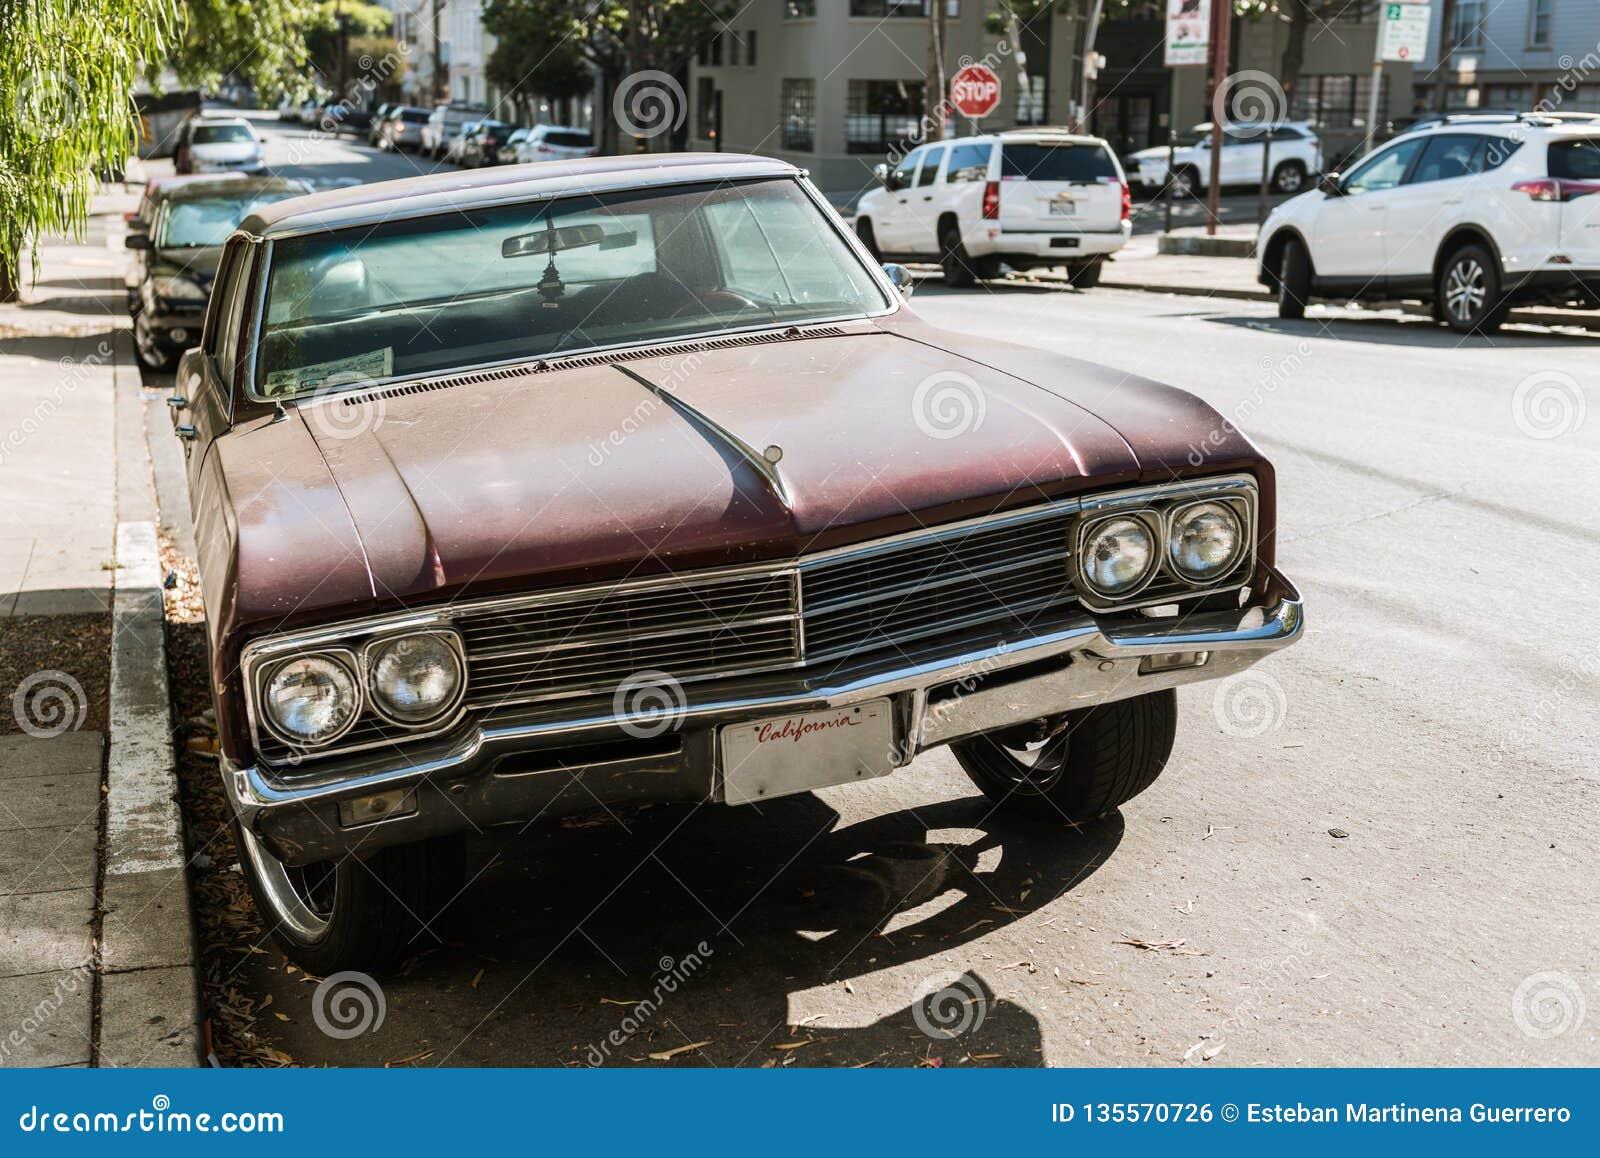 Detalle del frente de un coche clásico en una calle en San Francisco, California, los E.E.U.U.